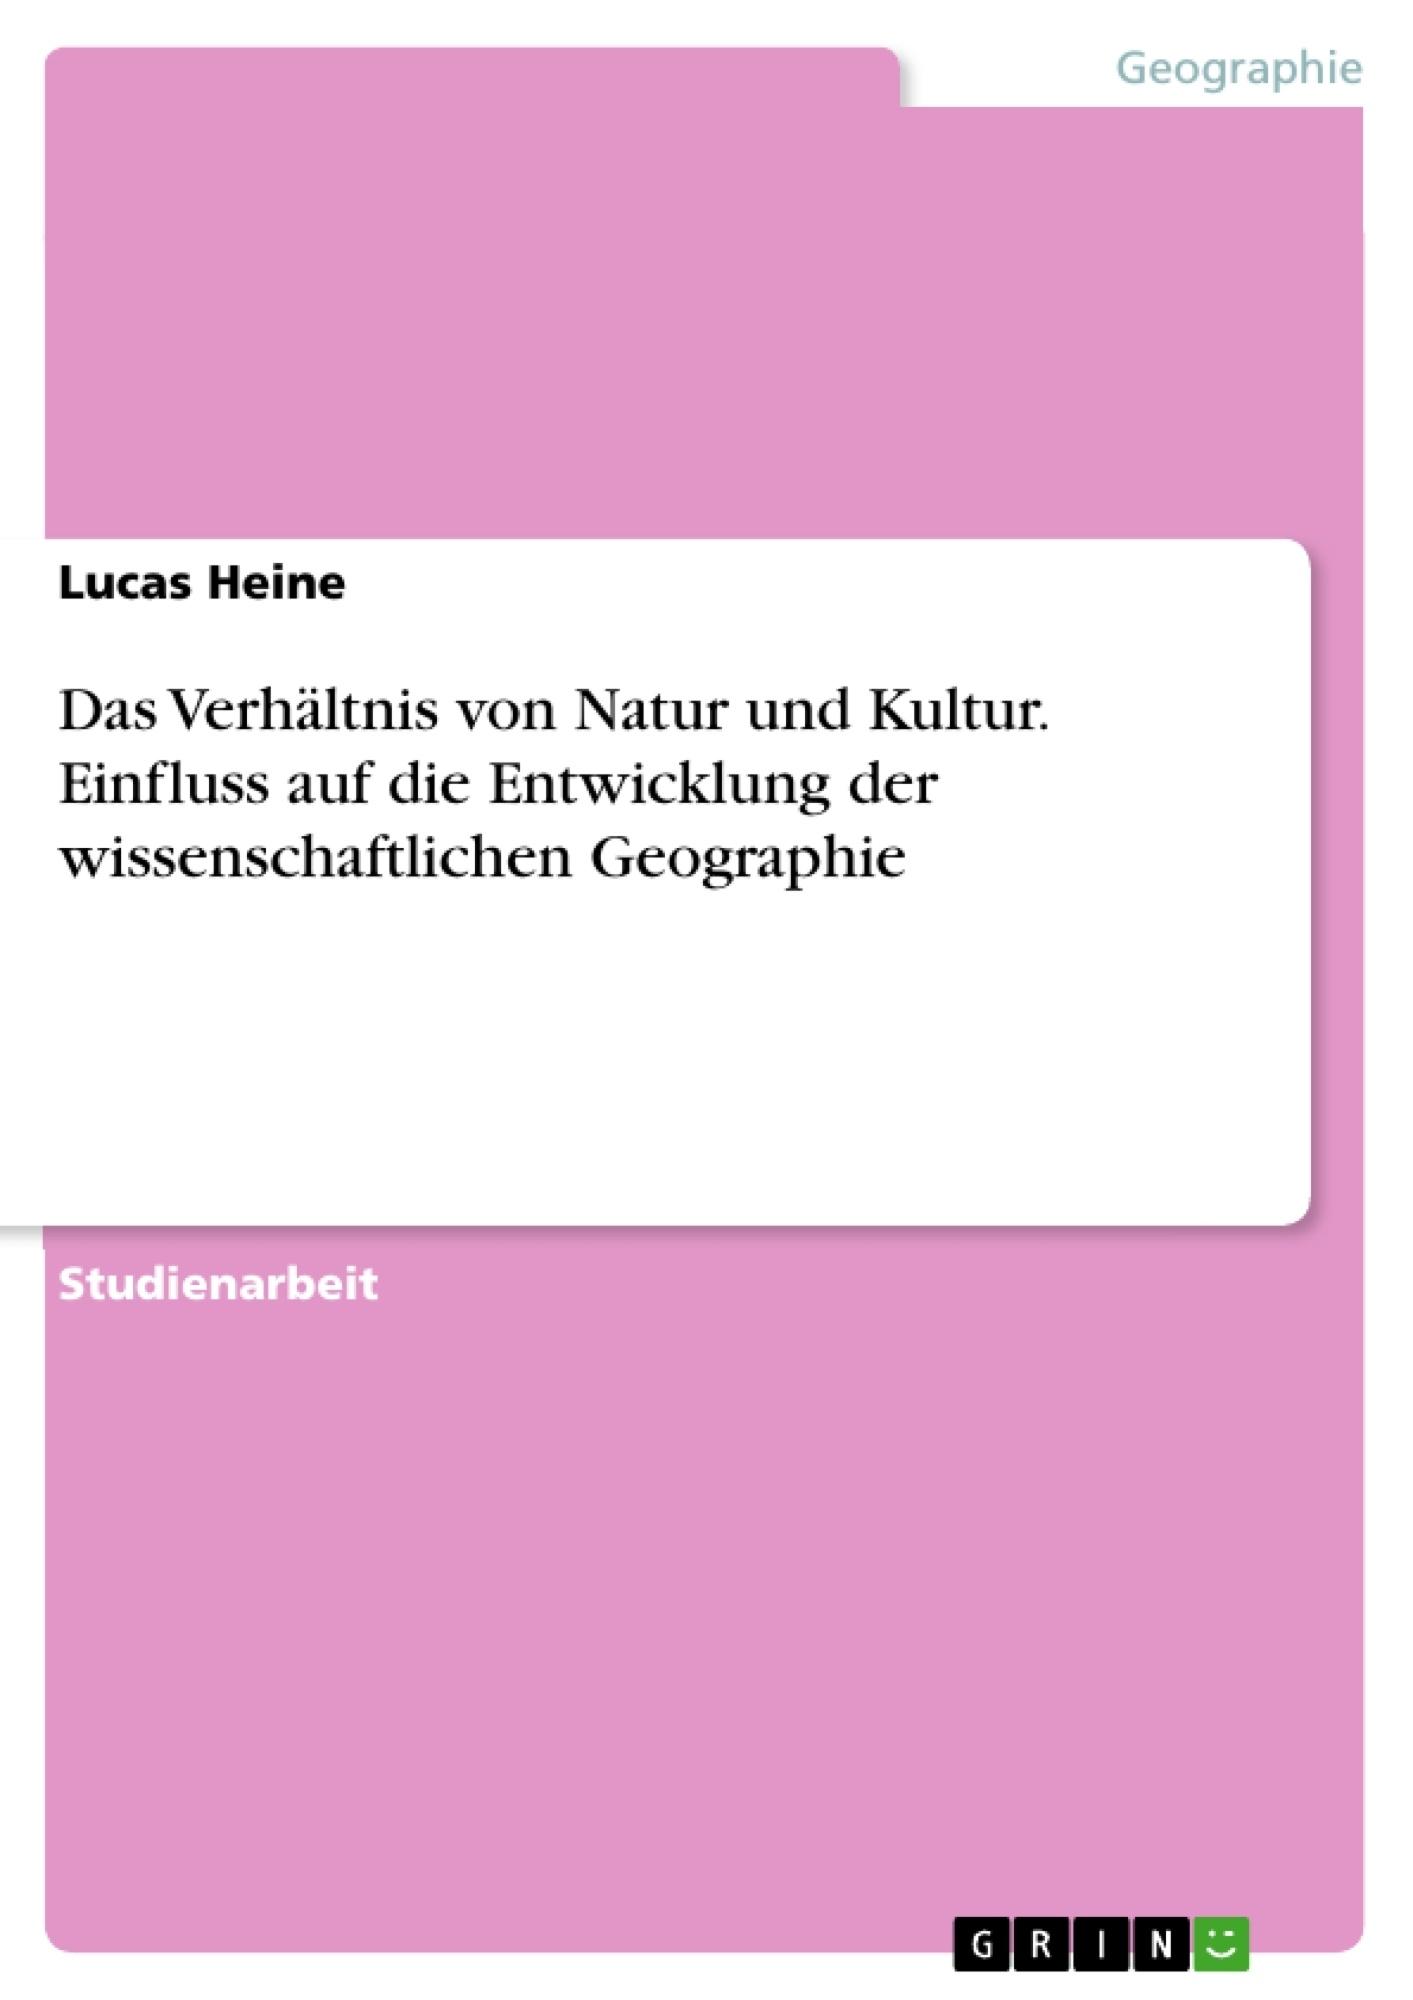 Titel: Das Verhältnis von Natur und Kultur. Einfluss auf die Entwicklung der wissenschaftlichen Geographie